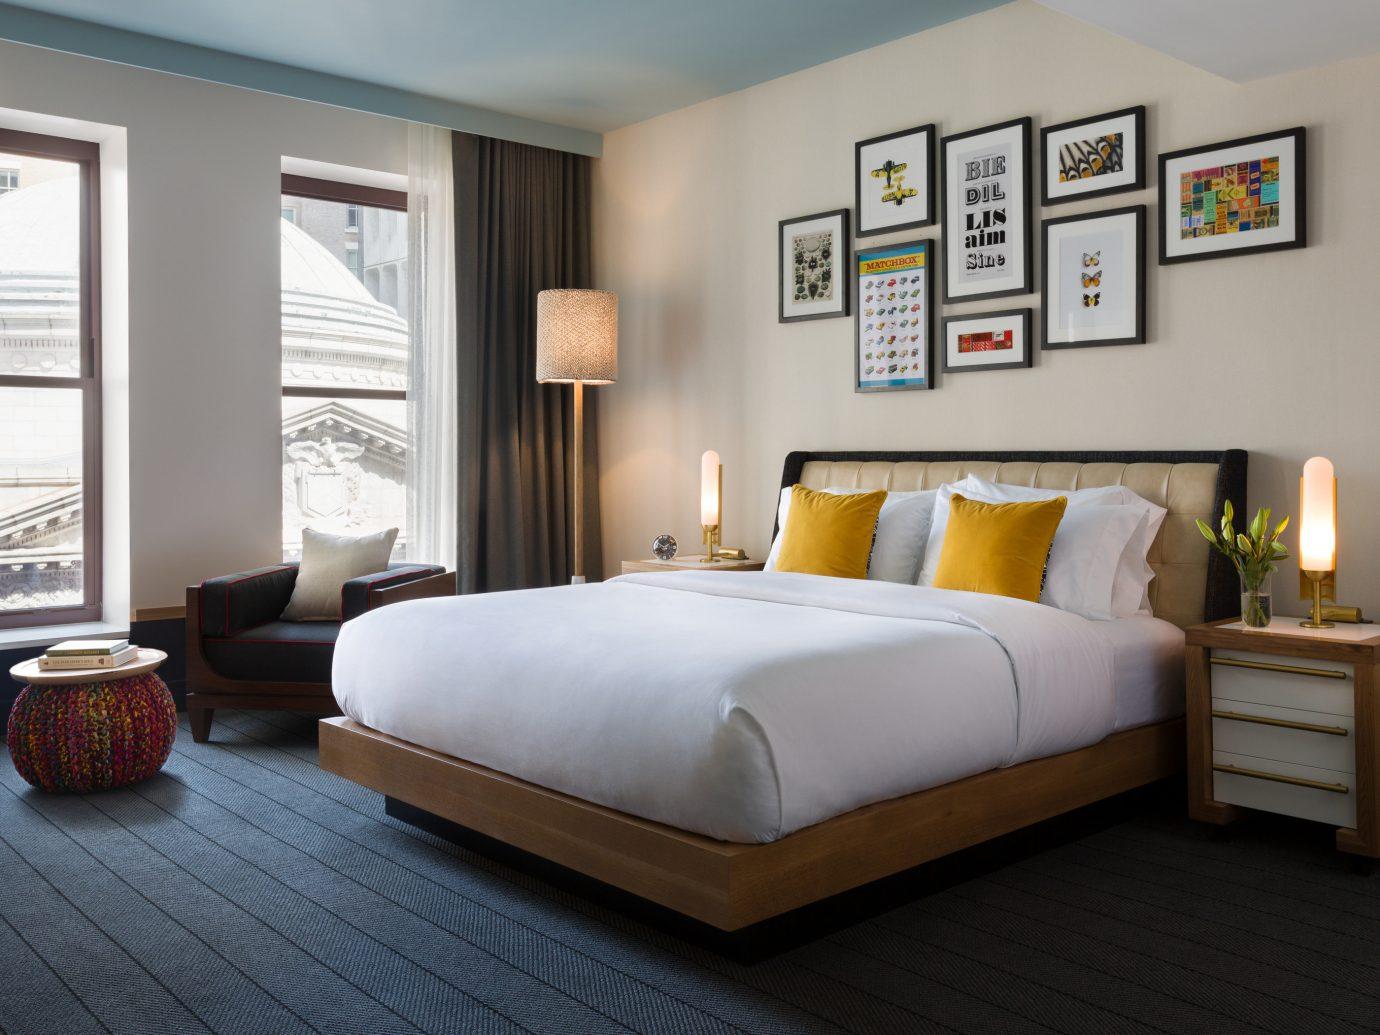 Trip Ideas indoor floor wall room Bedroom property furniture ceiling living room bed interior design home hardwood real estate bed frame bed sheet estate Suite